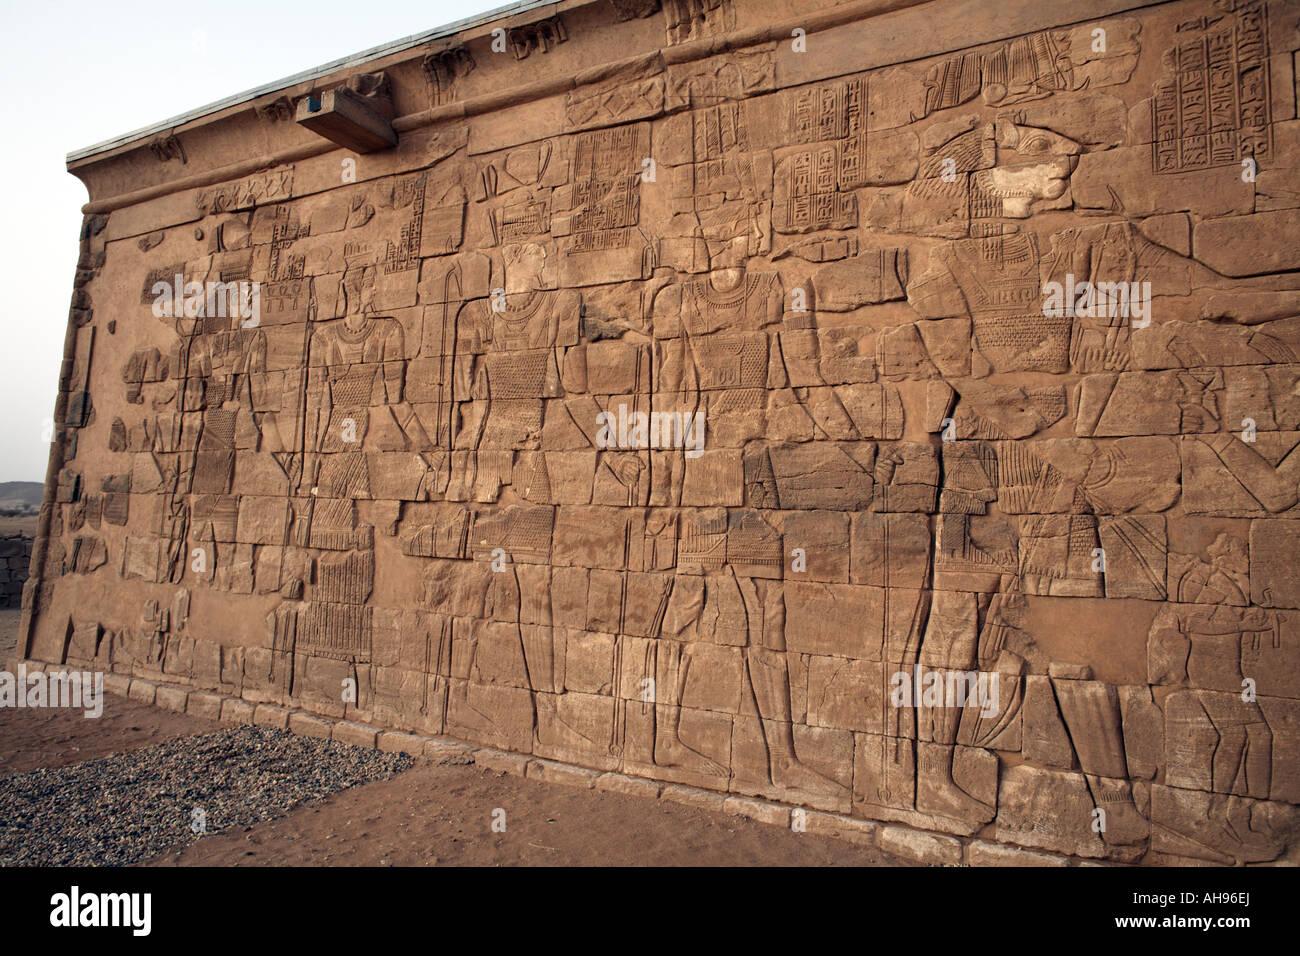 Le Lion Temple à Musawwarat es Sufra, Soudan, Afrique Photo Stock